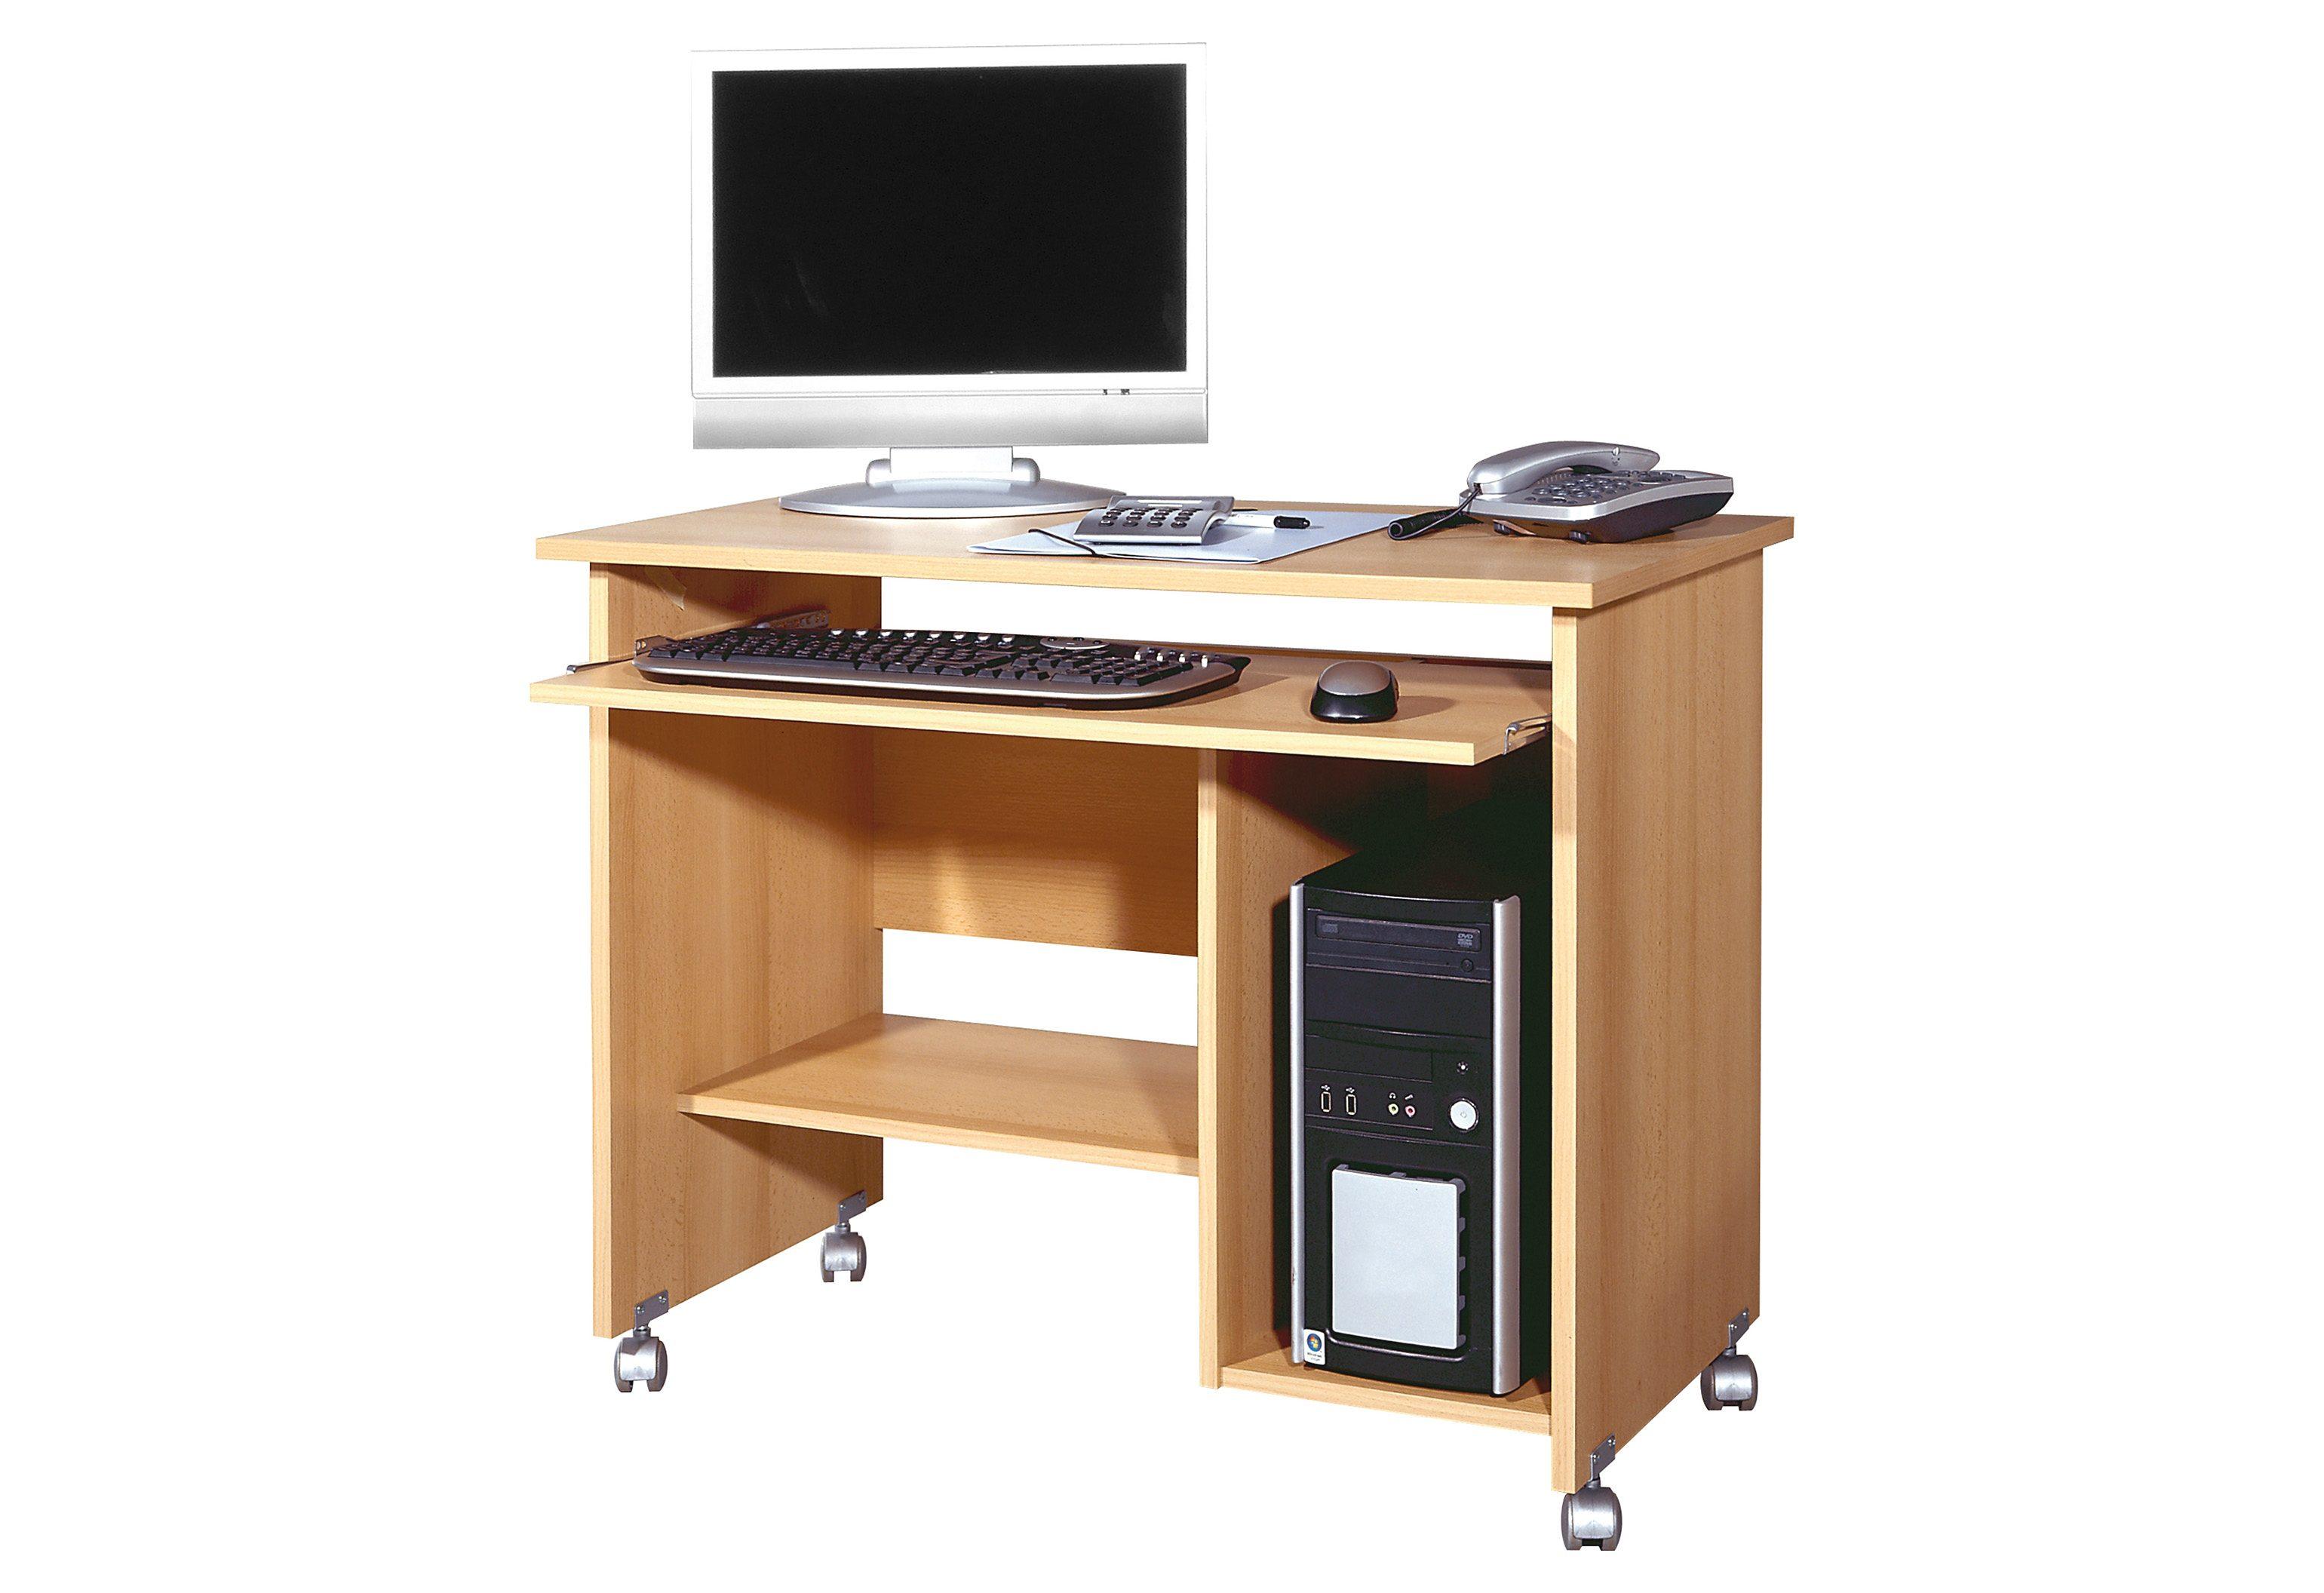 Praktischer Schreibtisch Computertisch Buche roominado